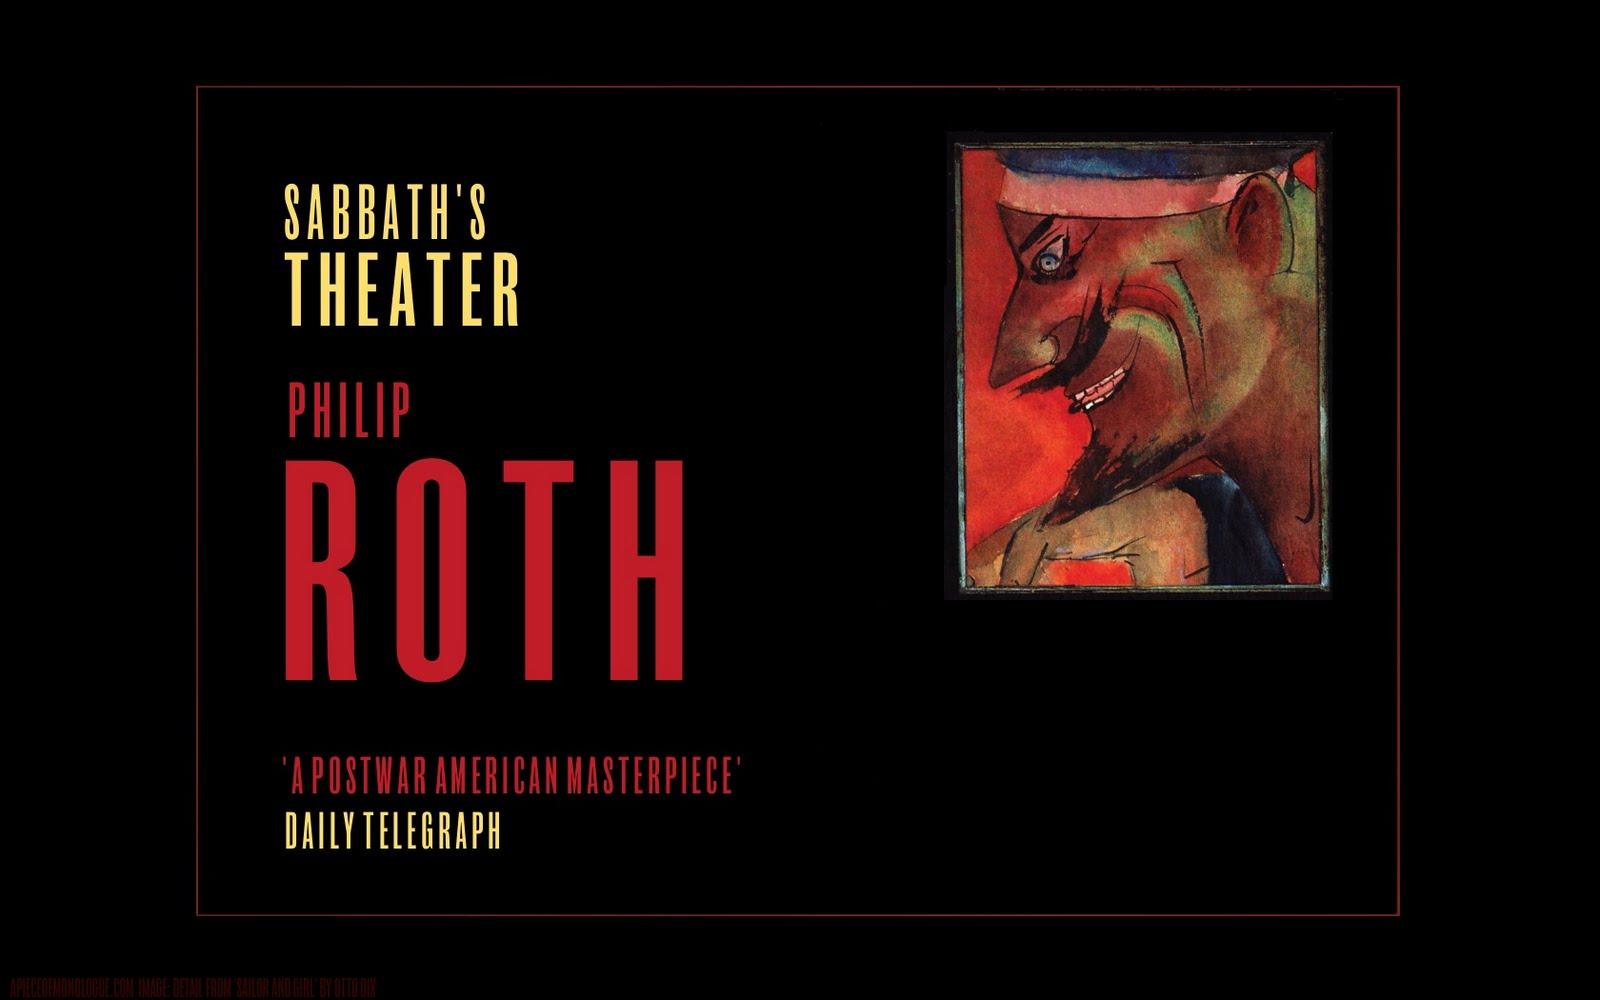 http://1.bp.blogspot.com/_N0TSGcQUzgU/TEl1Krk30lI/AAAAAAAADYo/LeOohV81tkk/s1600/PhilipRoth_SabbathsTheater_Wallpaper_APoM.jpg